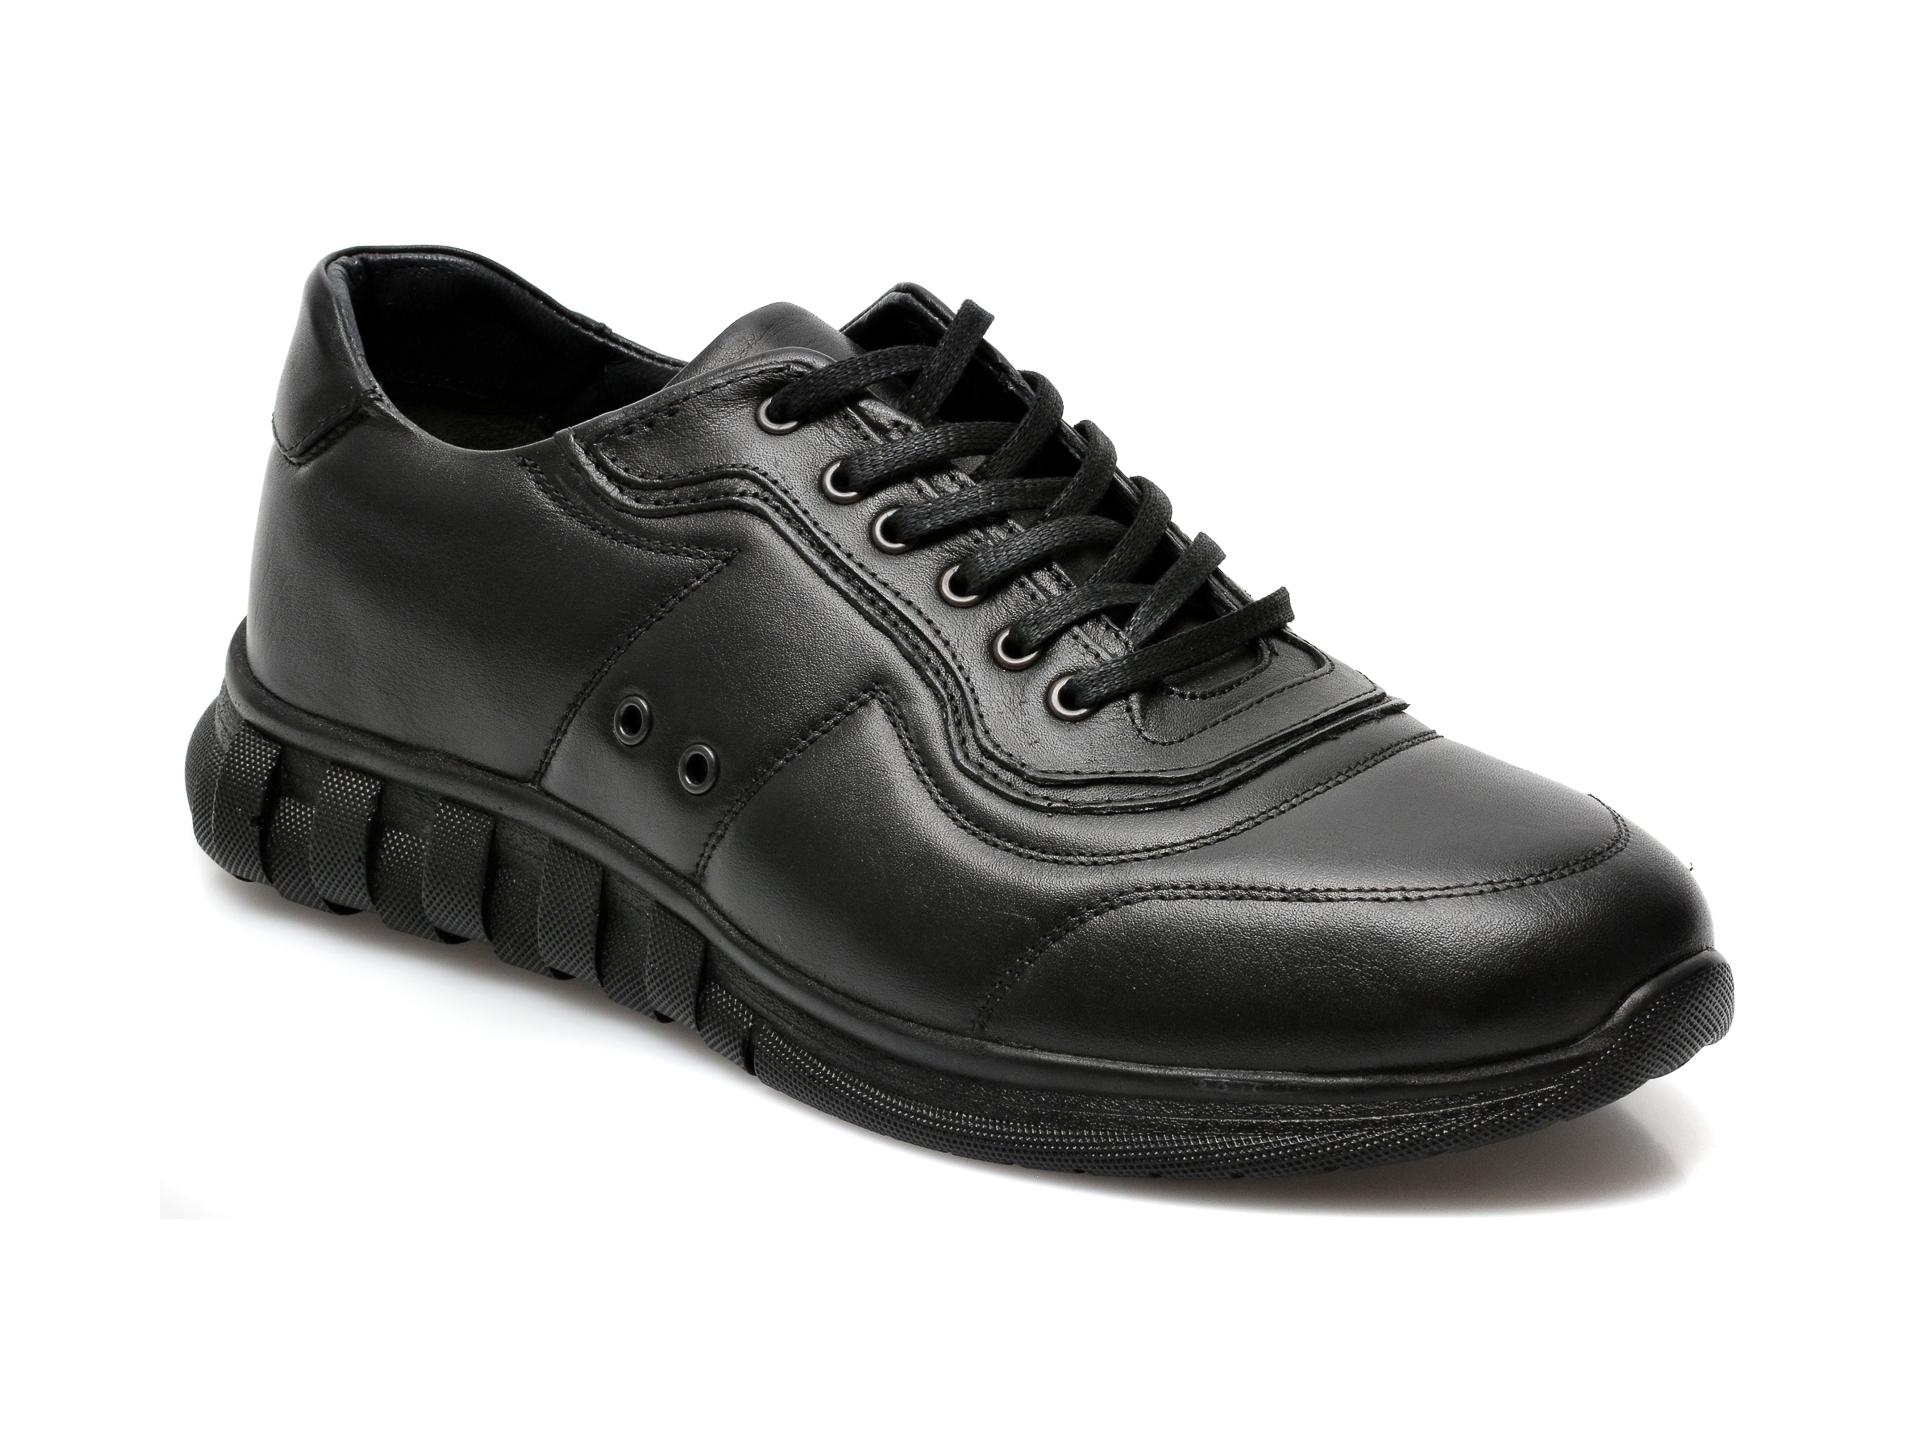 Pantofi GRYXX negri, SYR103, din piele naturala imagine otter.ro 2021